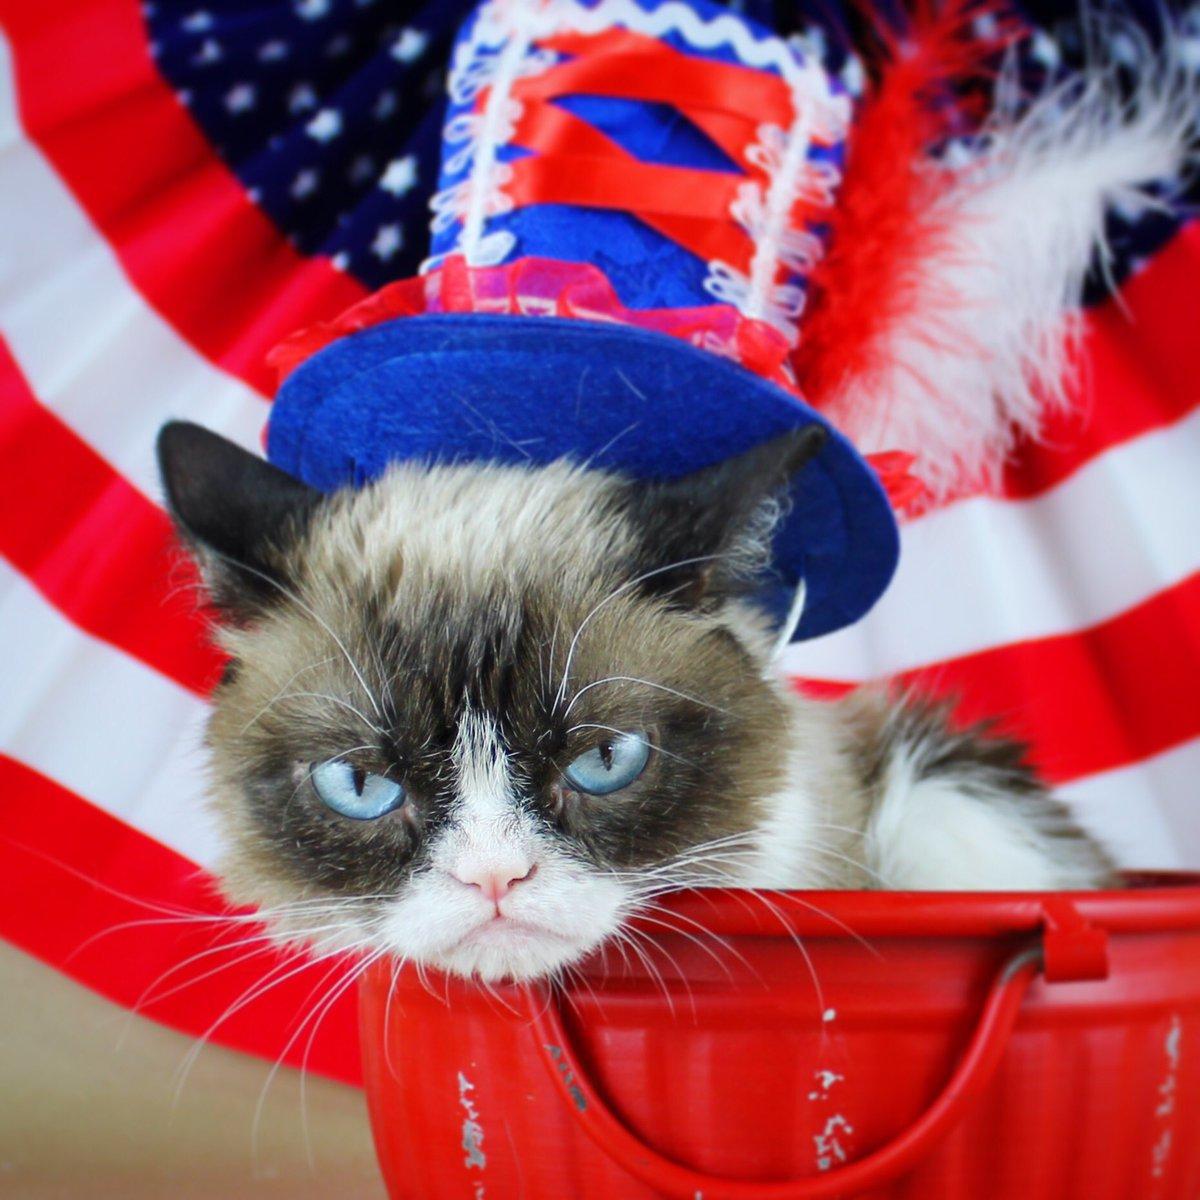 Grumpy Cat (@RealGrumpyCat) on Twitter photo 2018-07-05 02:02:45